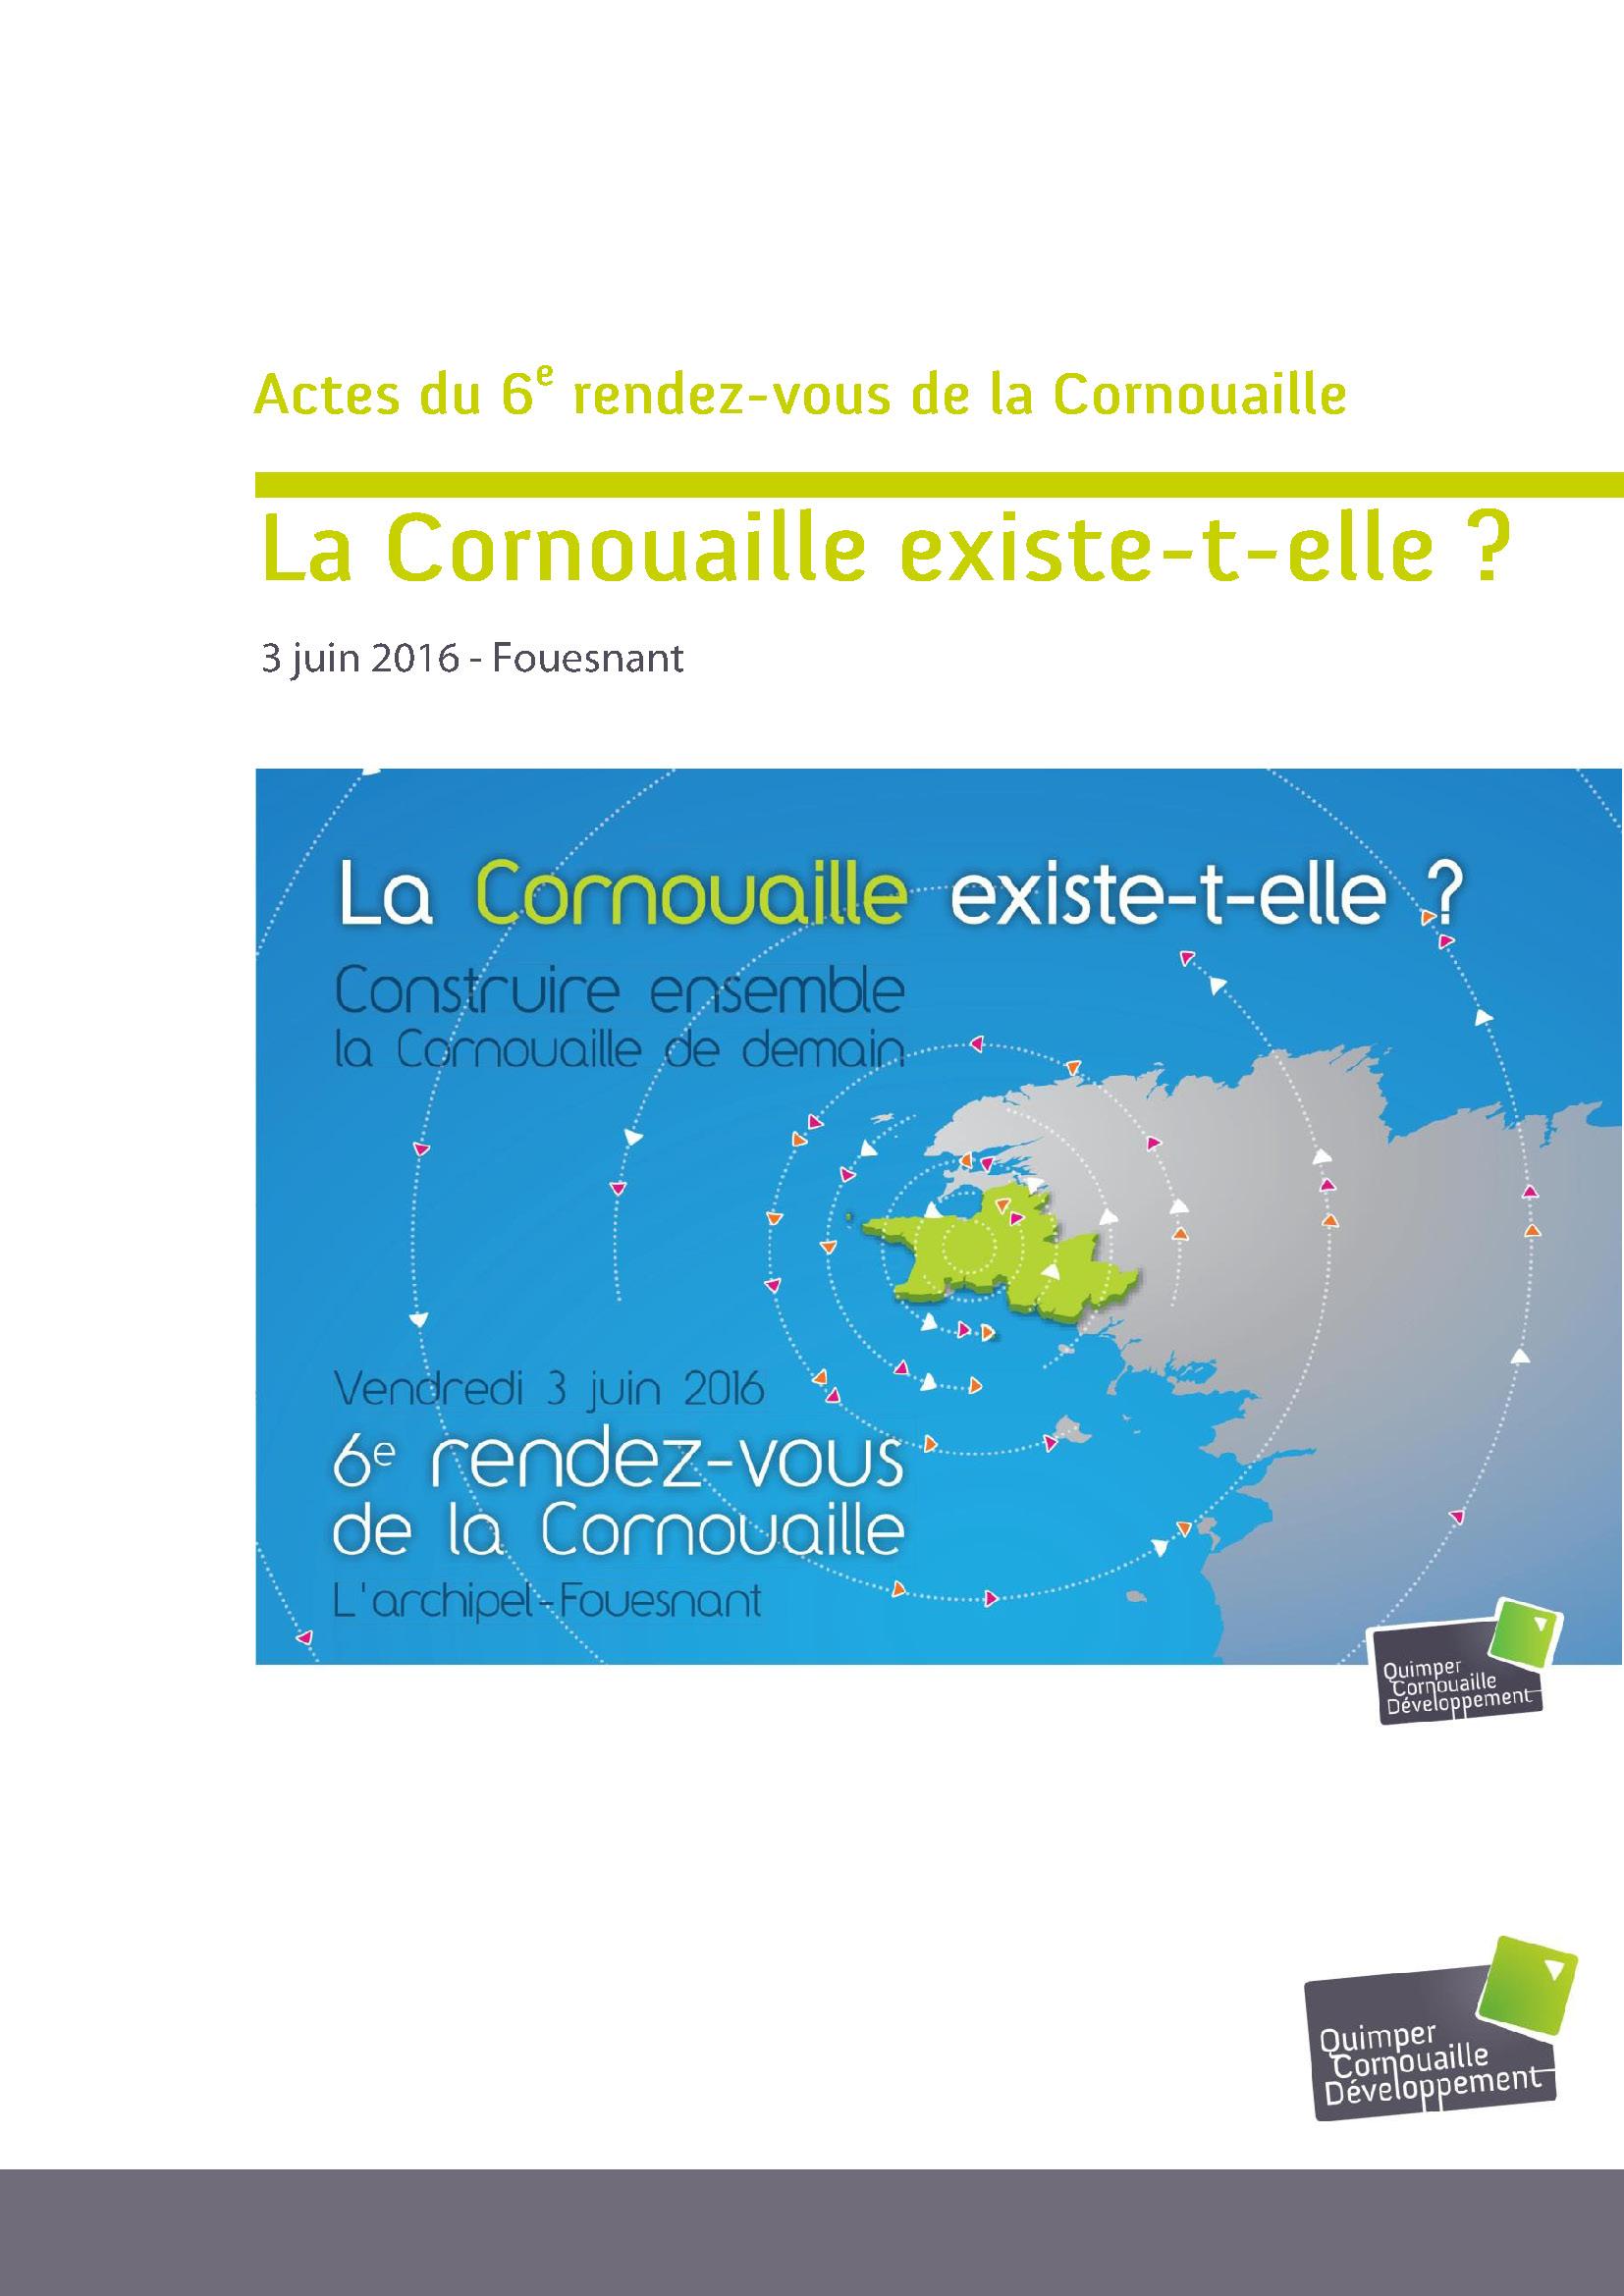 Actes du 6e rendez-vous de la Cornouaille (juillet 2016)